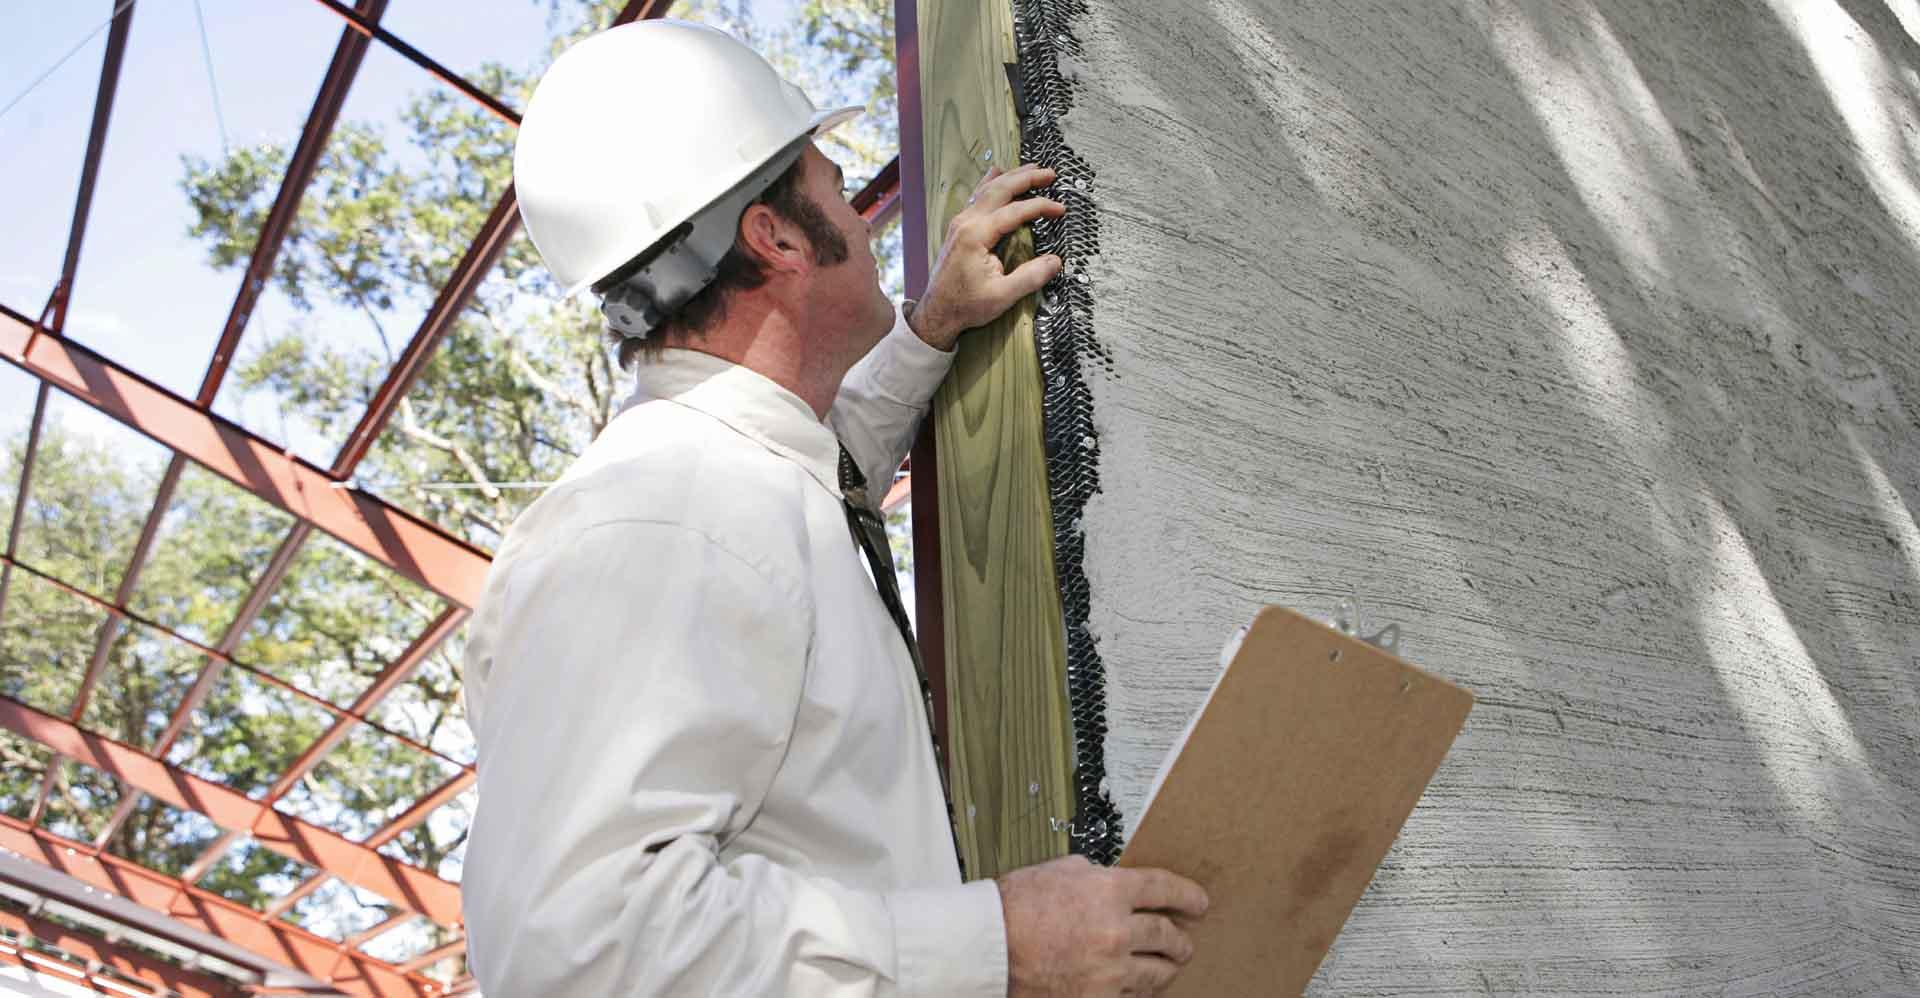 Цели обследования отдельных конструкций зданий и сооружений.